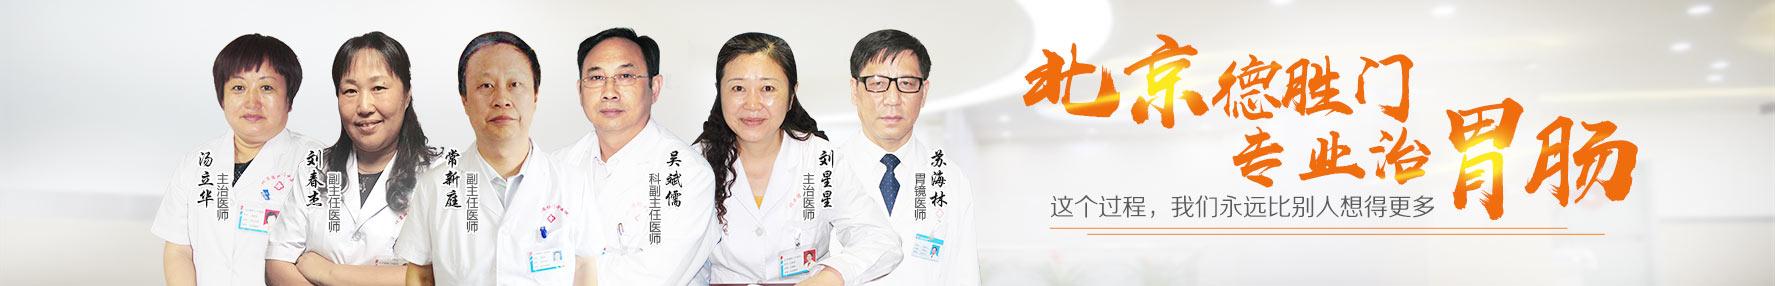 北京胃肠医院